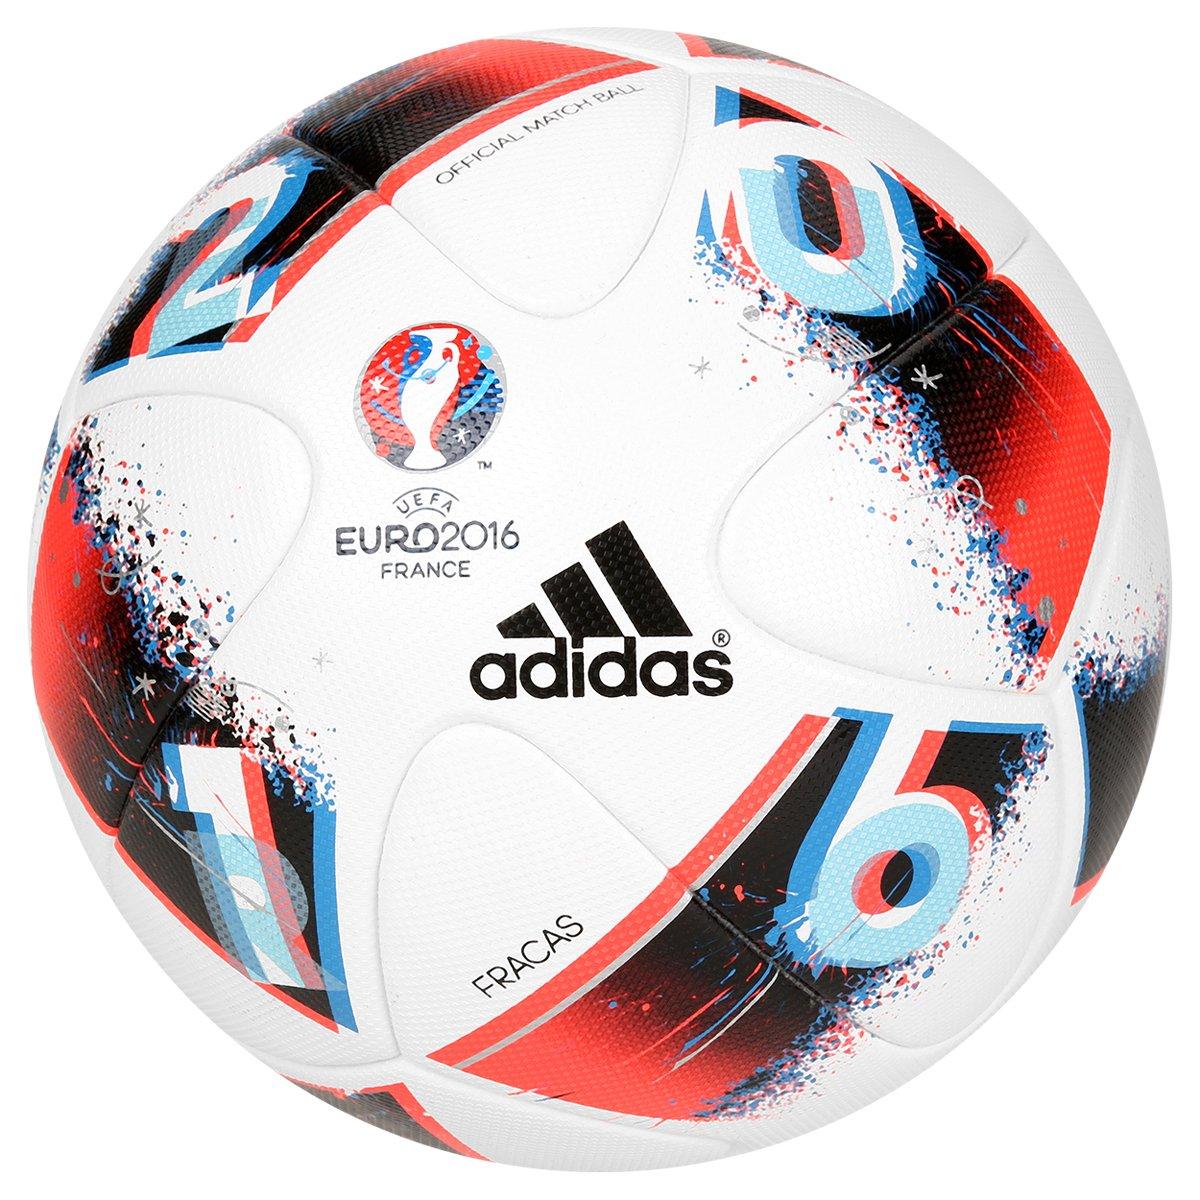 Bola Futebol Adidas Euro 2016 OMB Campo - Compre Agora  c8a9c157c82a0